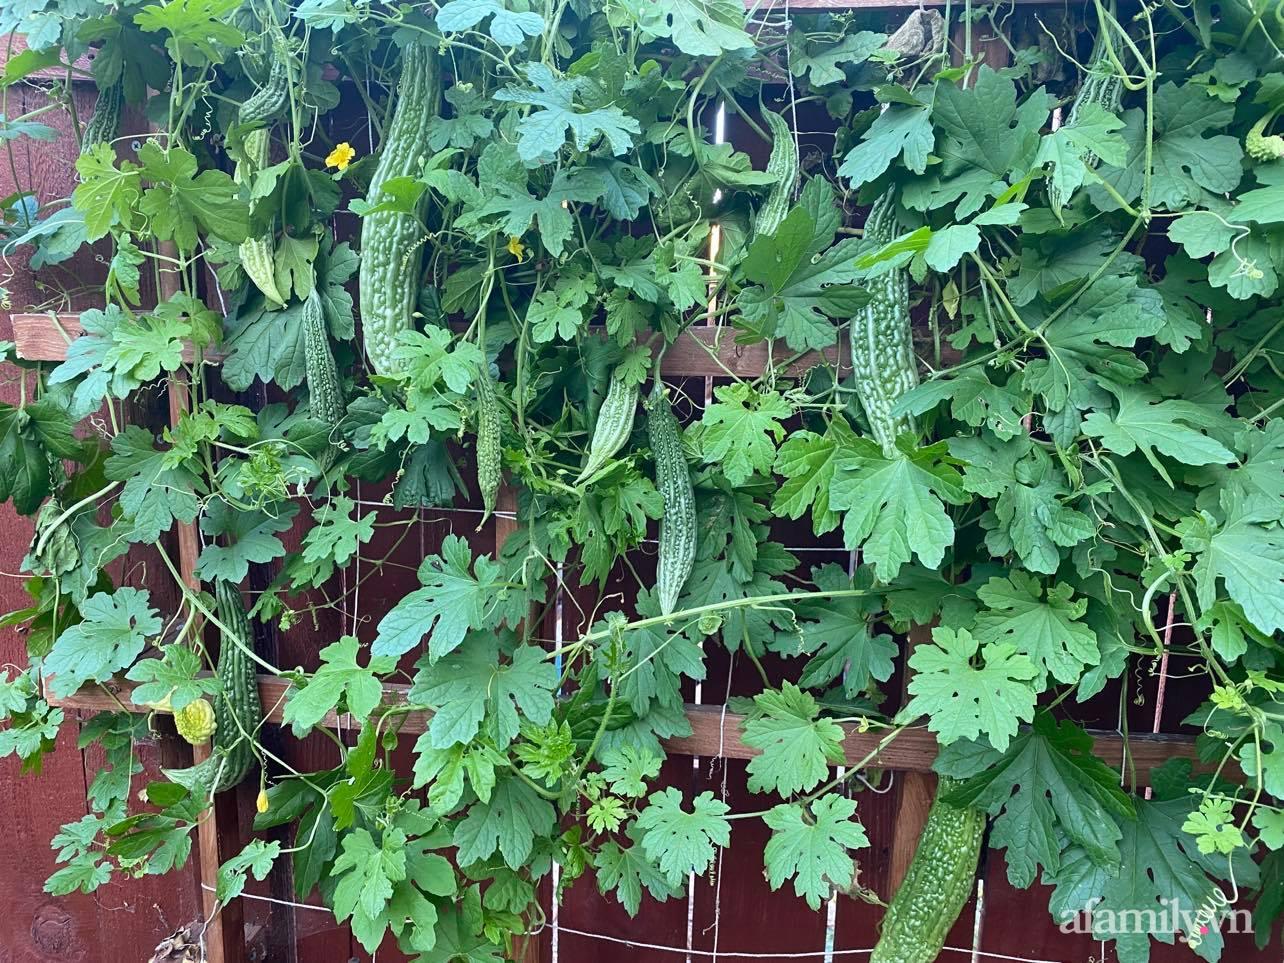 Khu vườn 800m² phủ kín đủ loại rau quả sạch của mẹ Việt đảm yêu cây - Ảnh 7.